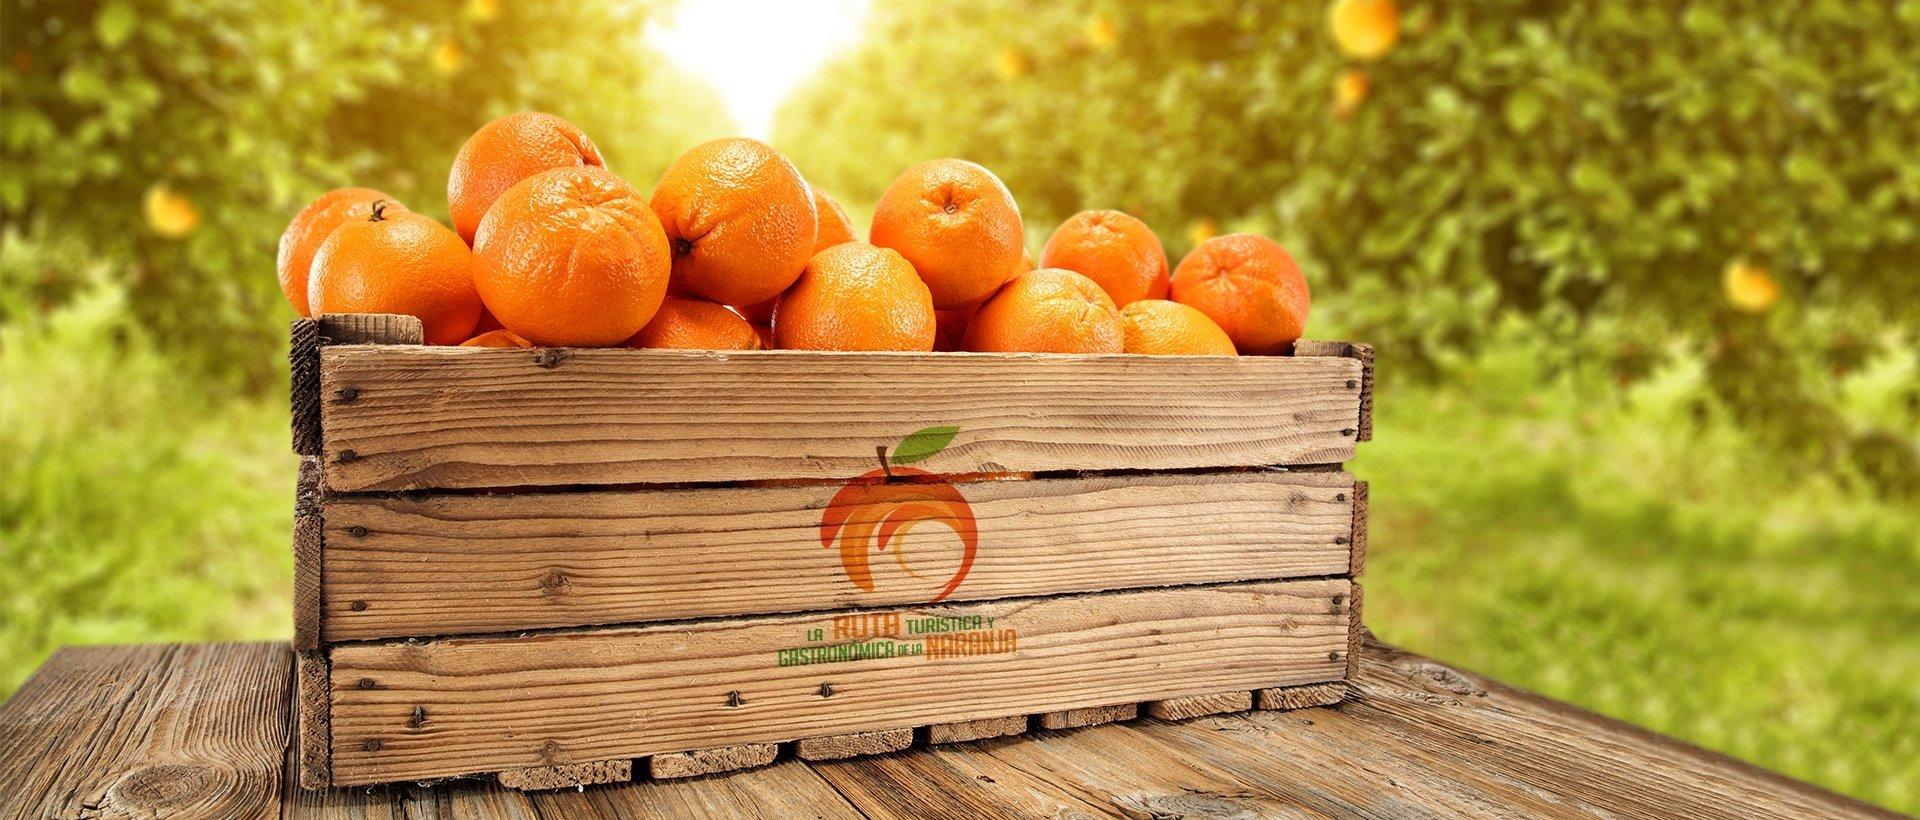 Matafruit Naranjas 02